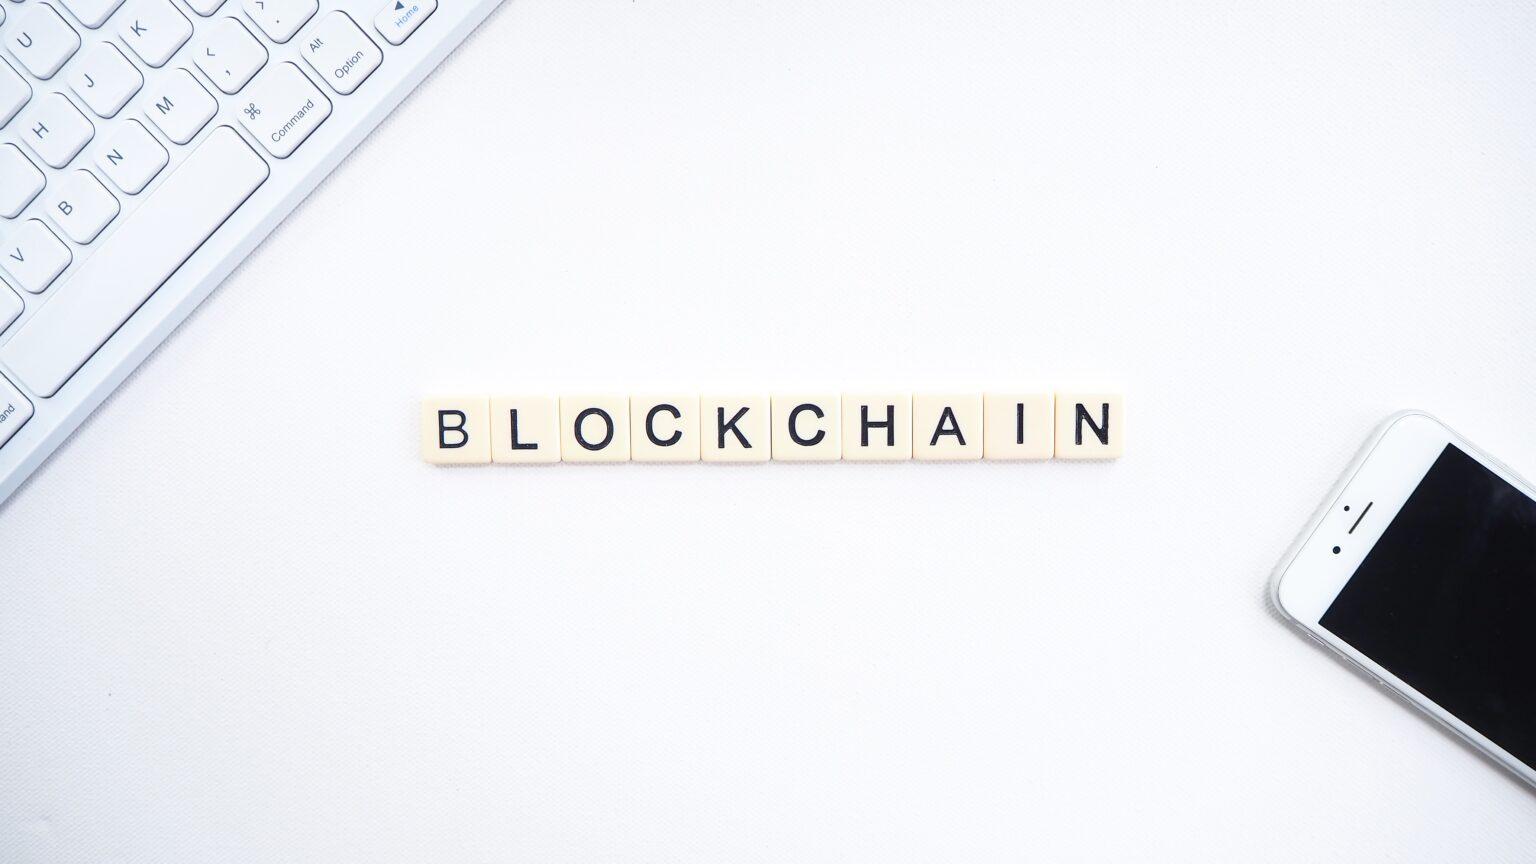 Blockchain Anita Posch